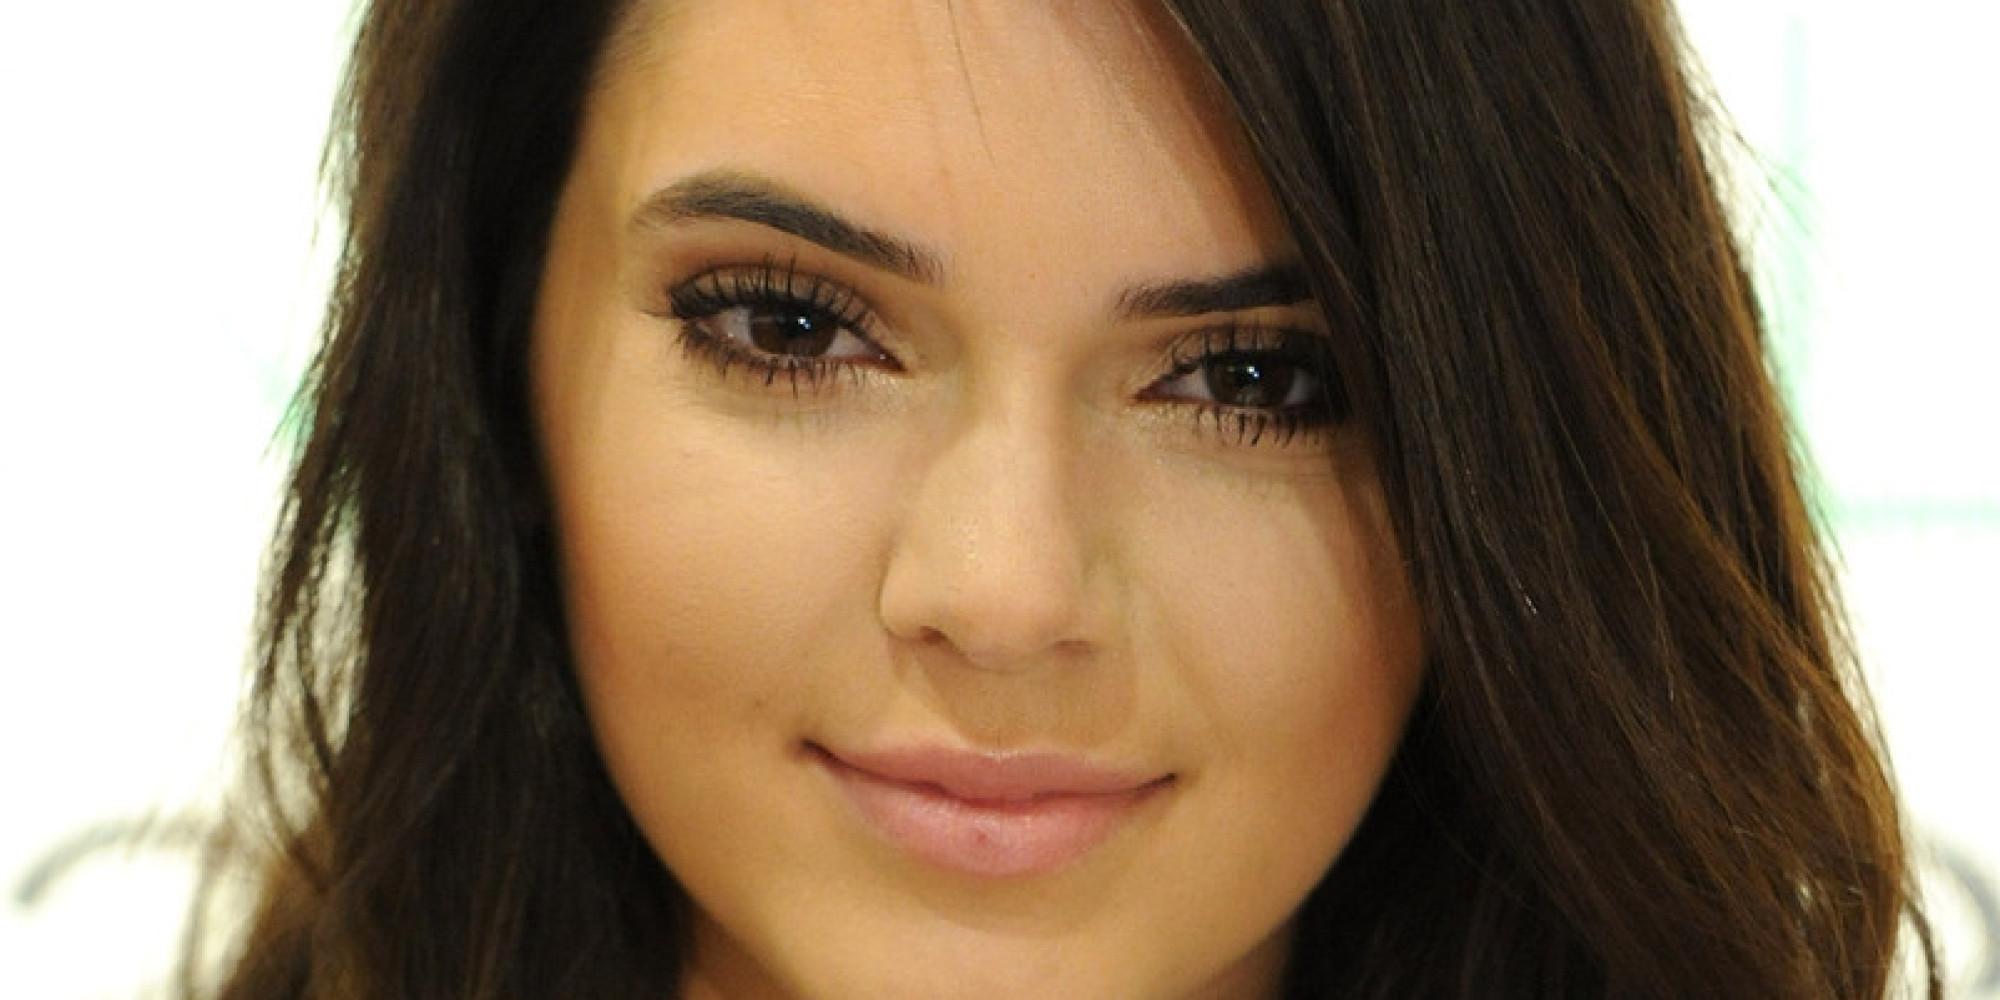 Kendall Jenner devient de plus en plus incontournable dans le milieu de la mode ! De star de télé-réalité, la petite sœur de Kim Kardashian est passée à modèle de haute couture. Après Givenchy, le mannequin de 18 ans a pris d'assaut le podium de la Fashion Week de Paris pour son premier défilé Channel, qui a eu lieu mardi dernier.